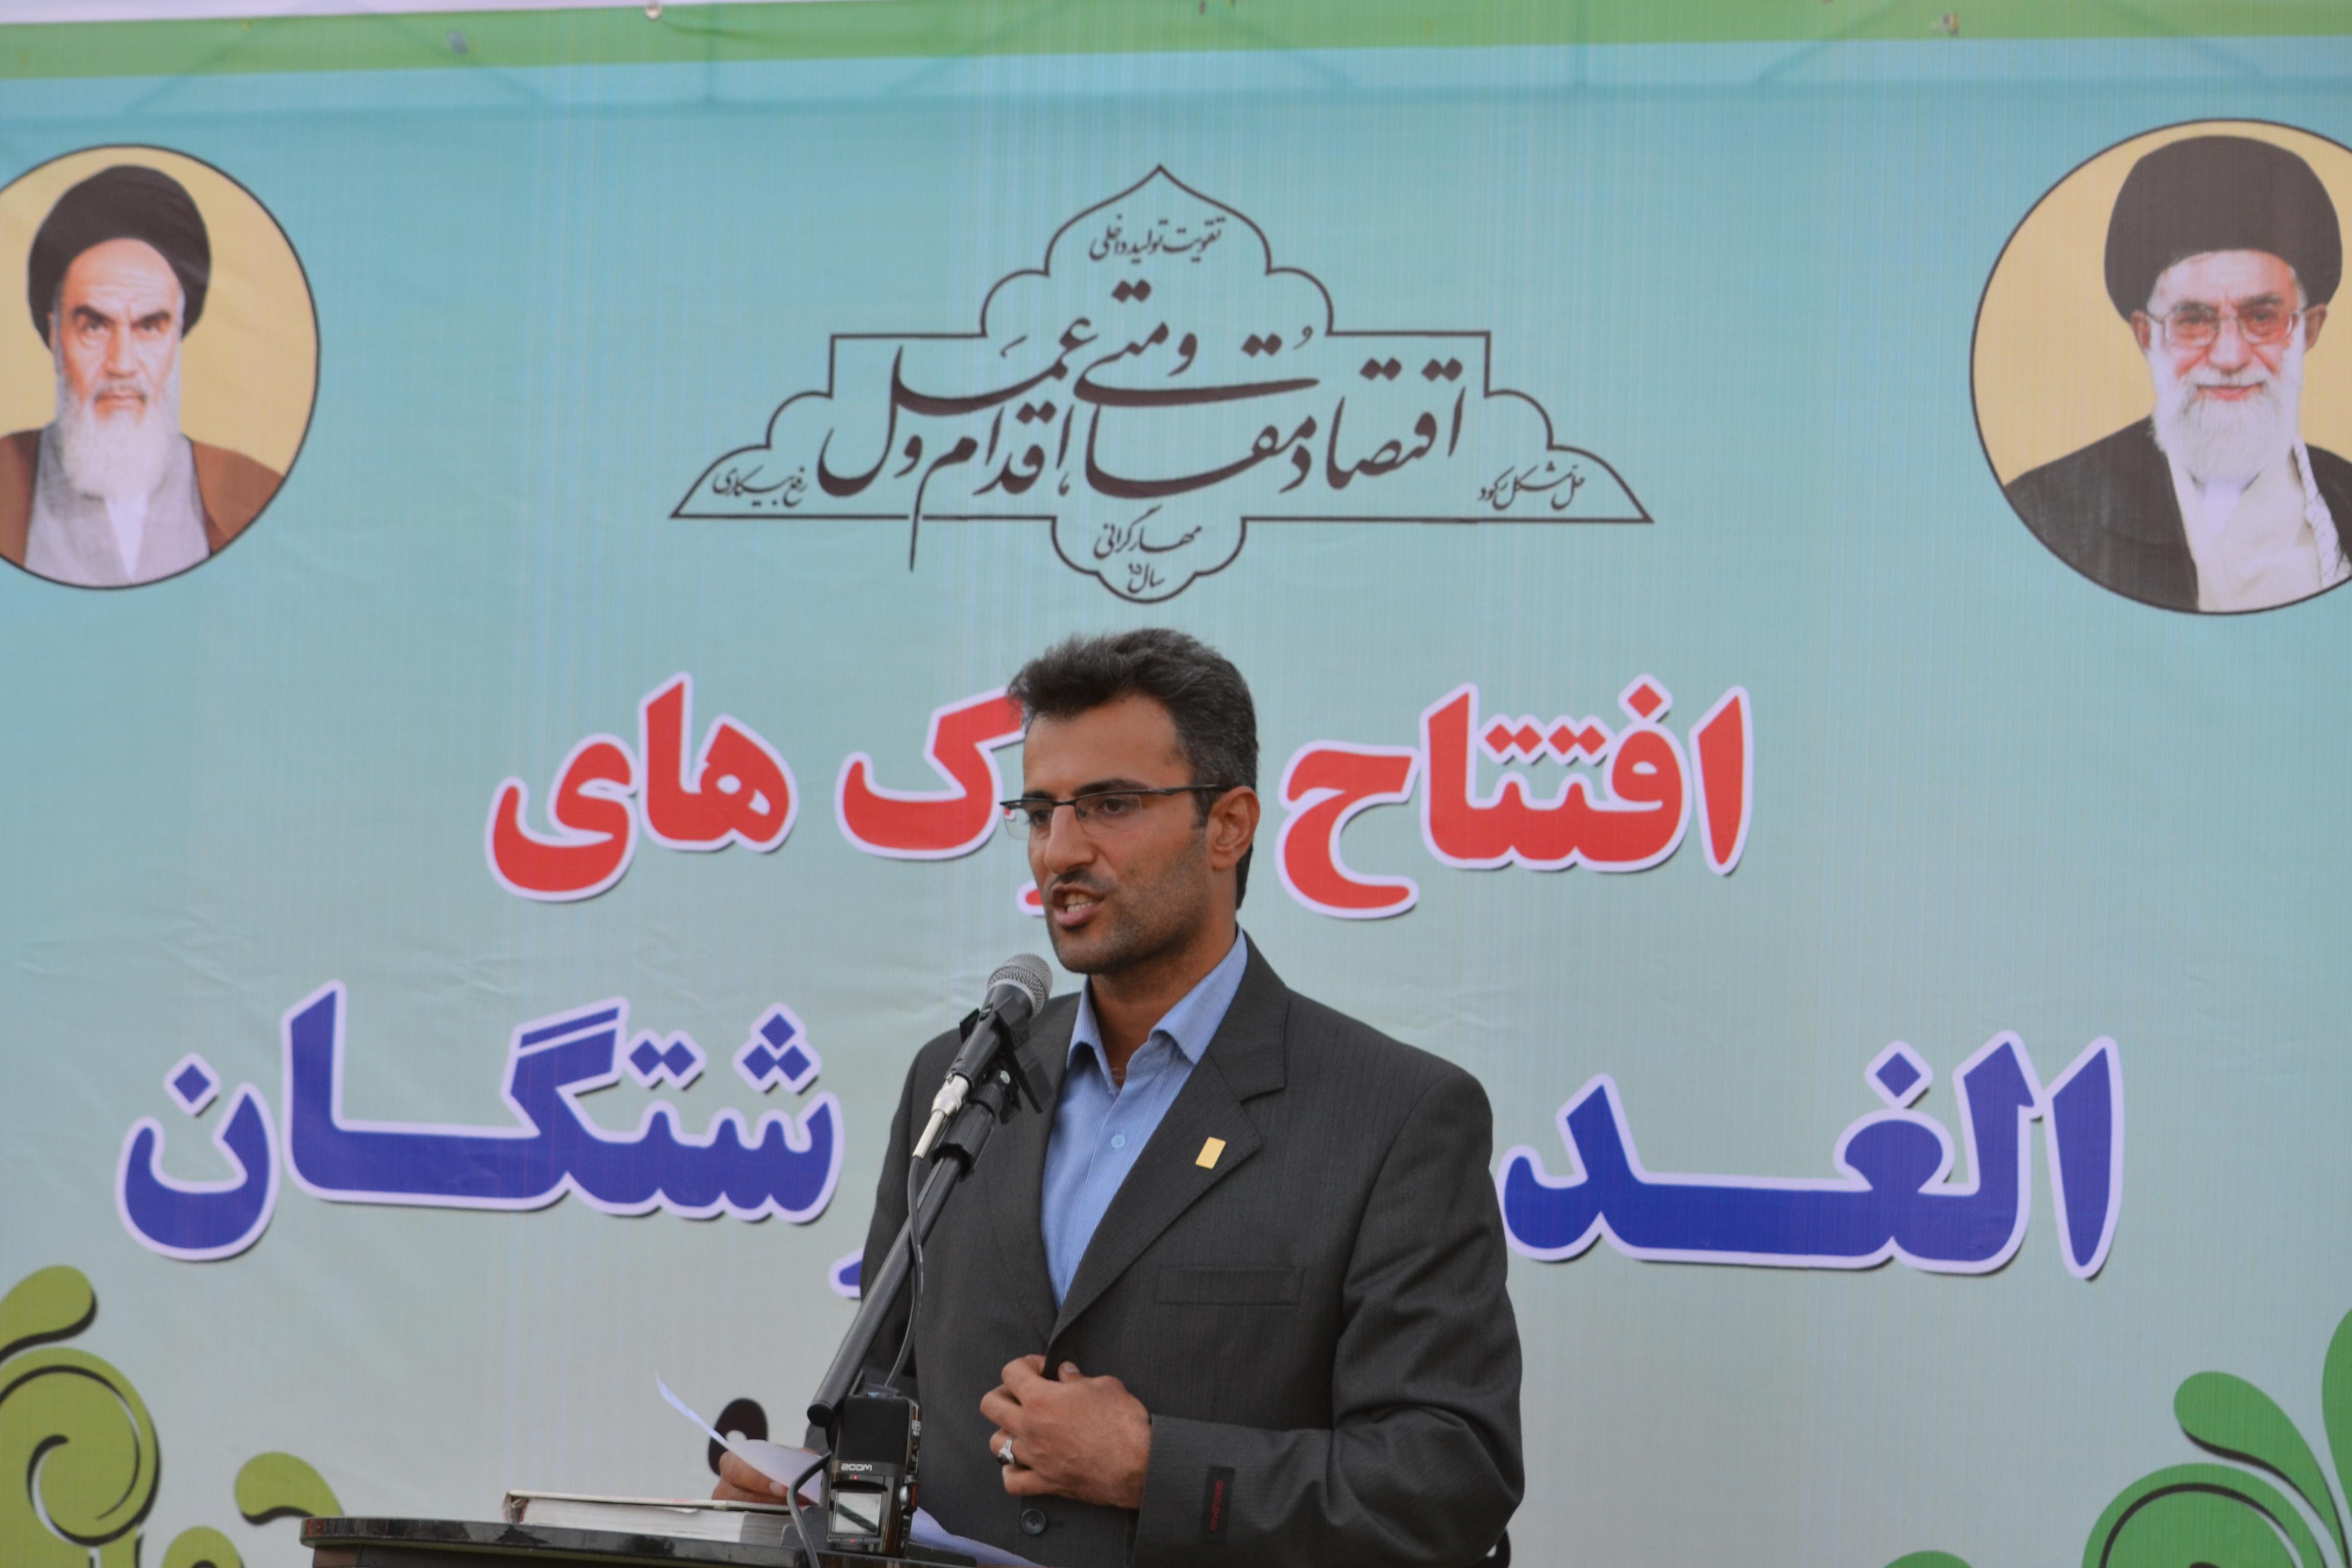 اختصاصی/از به سخره گرفتن شهرداری تا پاکسازی تالاب عینک در 17 روز/از پرسنل منطقه 4 شهرداری رشت خجالت می کشم